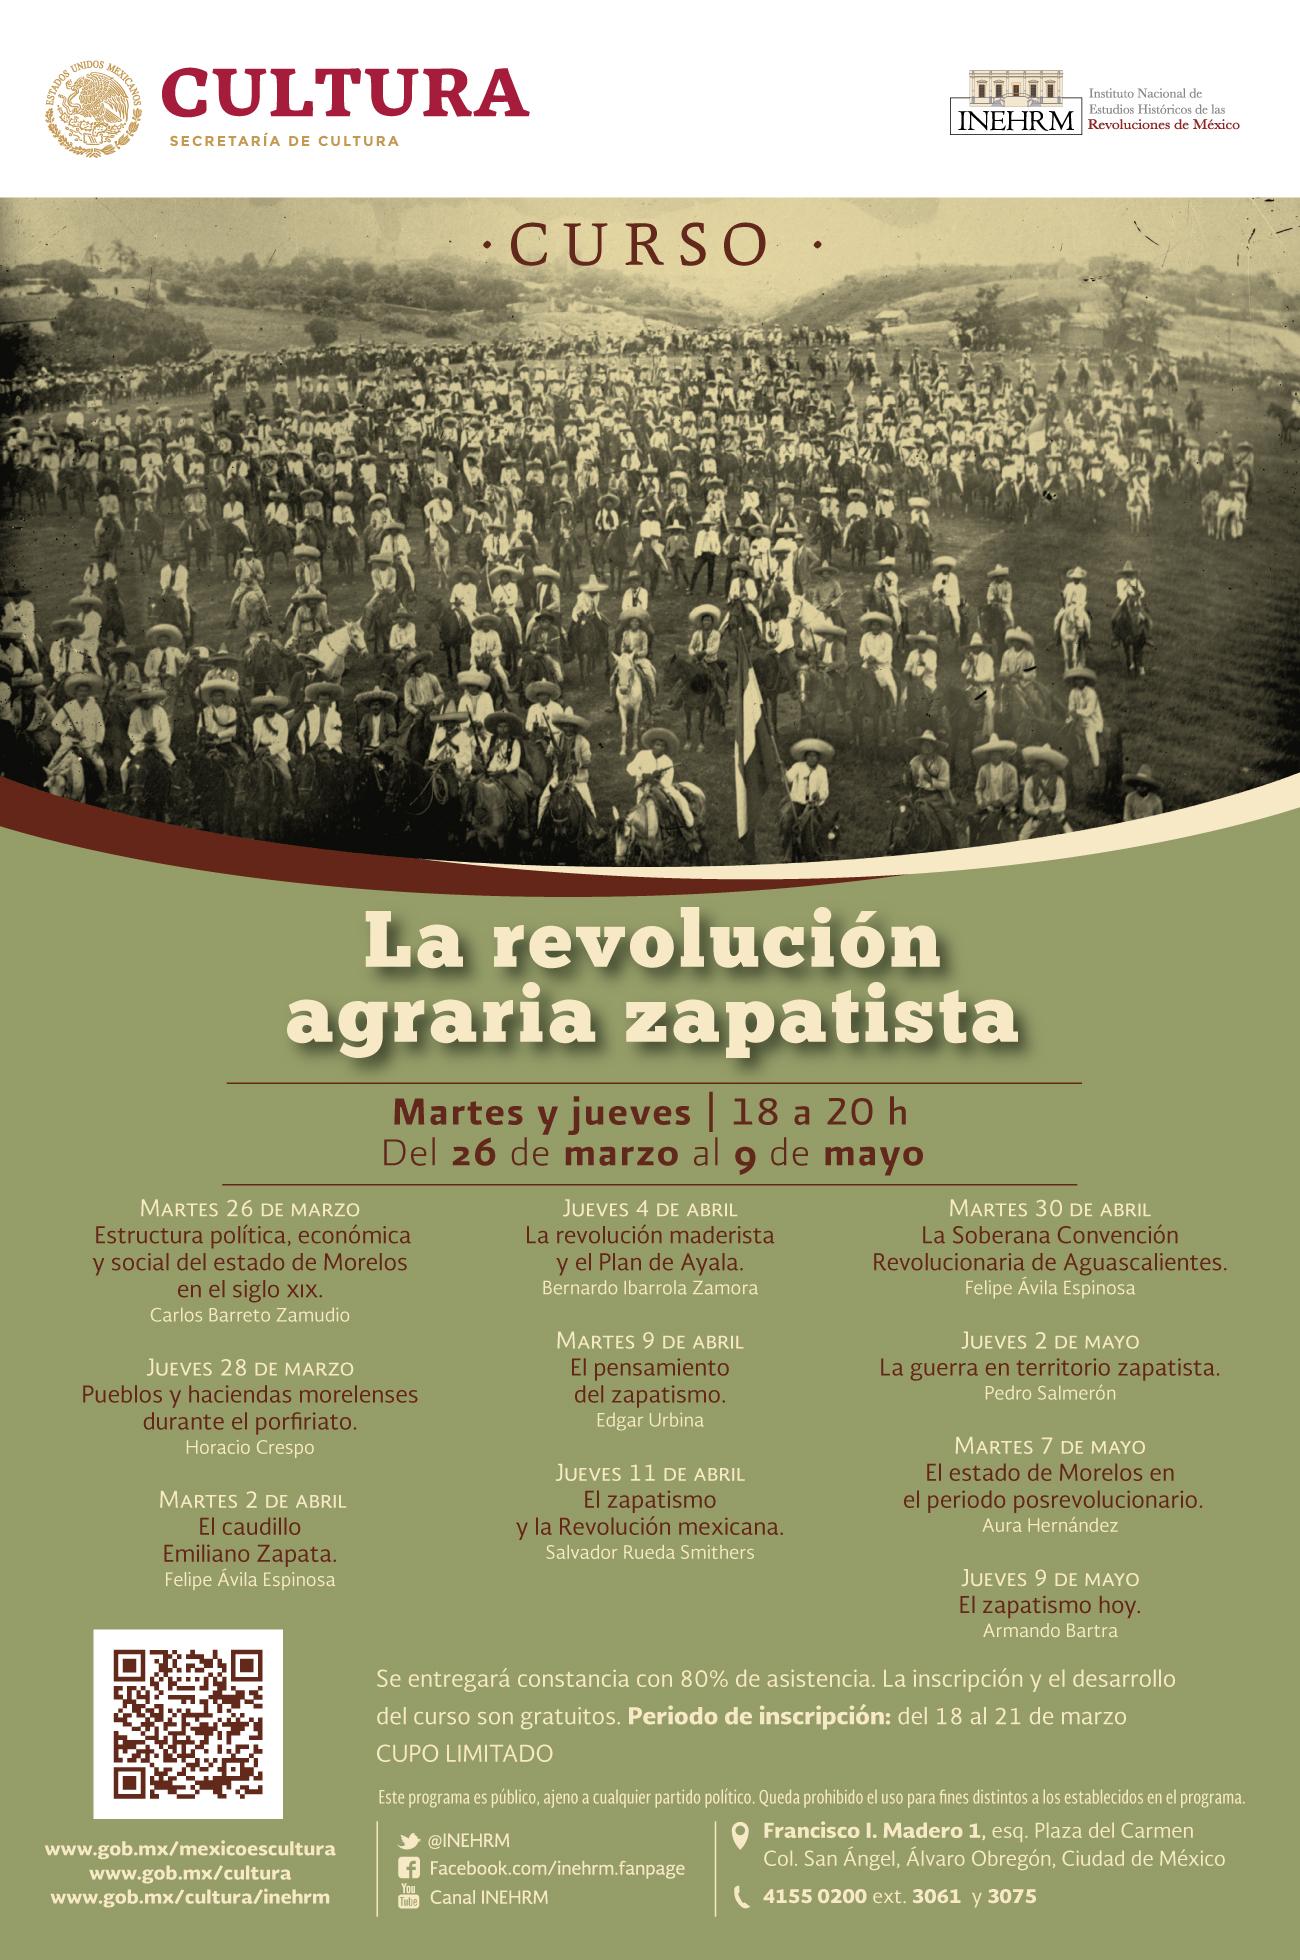 La Revolución agraria zapatista